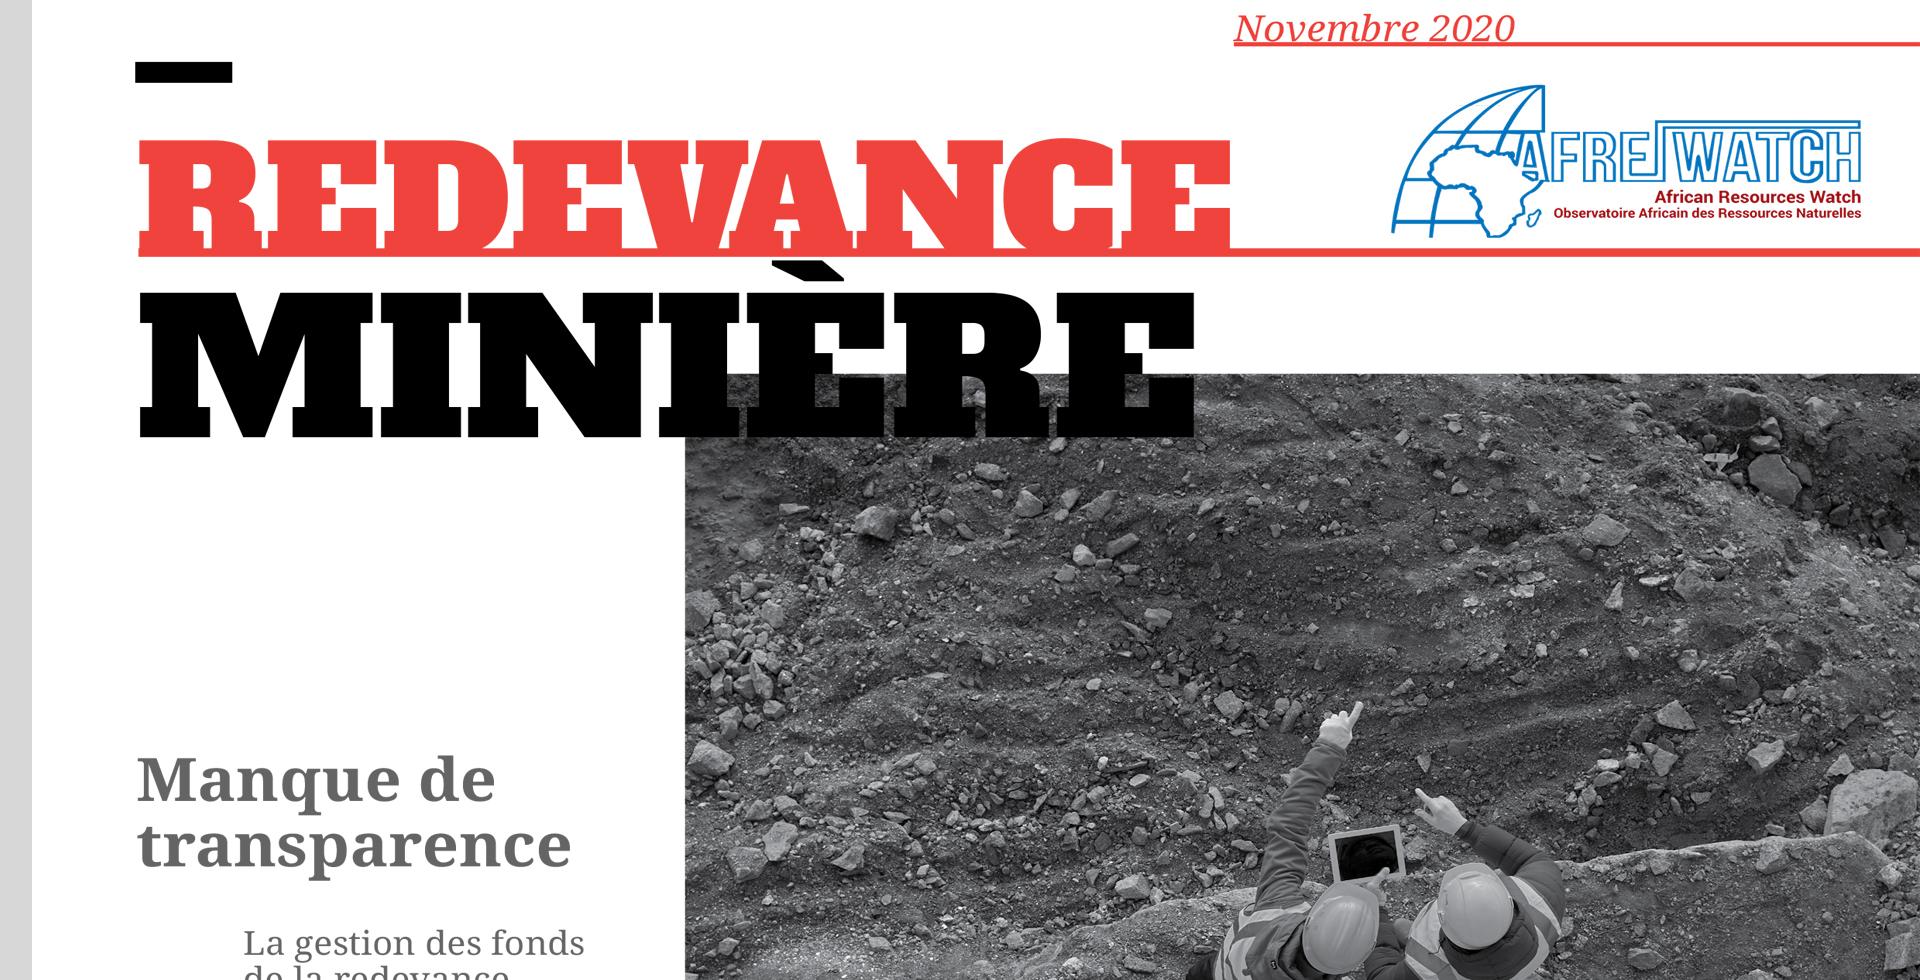 Redevance minière. Haut-Katanga : 5 défis à relever dans la gestion de la redevance minière destinée aux Entités Territoriales Décentralisée